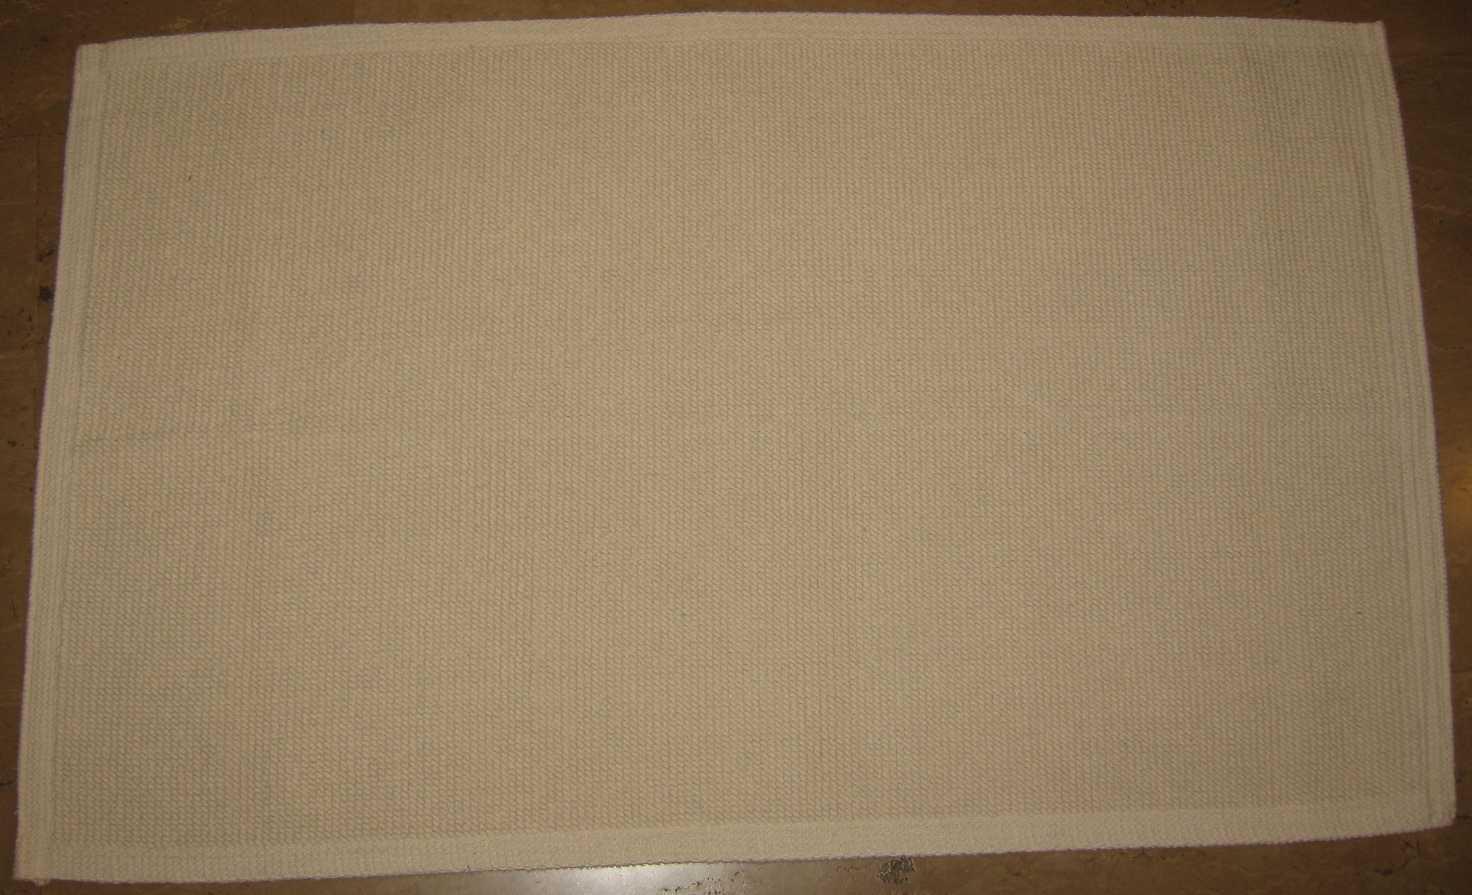 M73 tappeto arredo bagno zucchi ecoemotion cm 50 80 cotone rigenerato riciclato 3gjzf4yz - Tappeti bagno zucchi ...